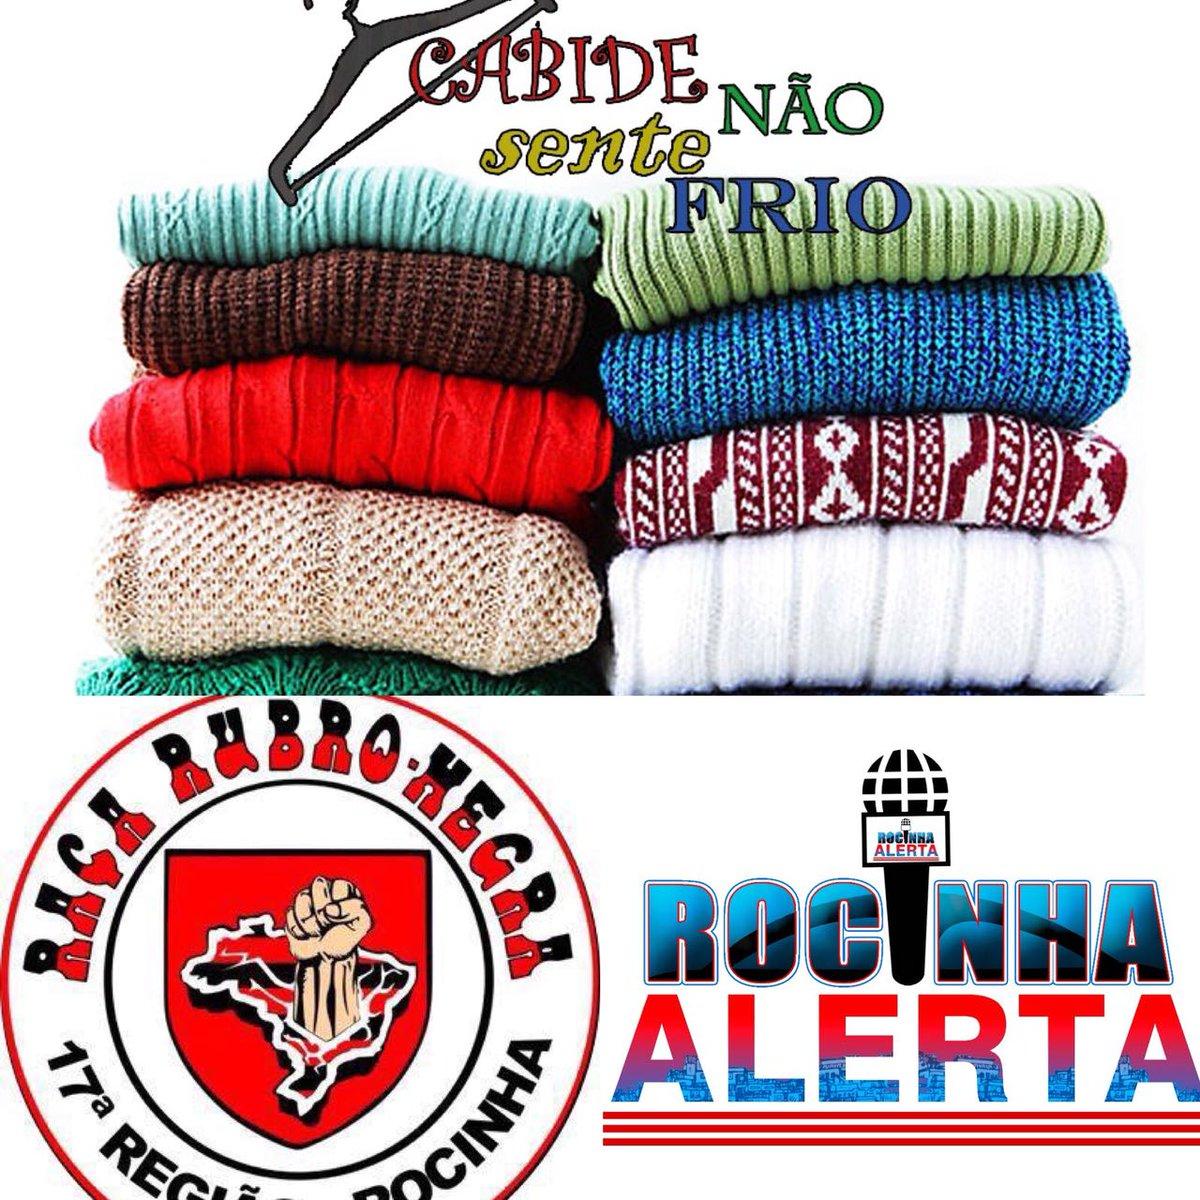 47dc7471d89e4 ... RocinhaAlerta estamos recebendo agasalhos para ajudar a quem precisa  Locais de Recolhimento  De olho no Lixo (R.S)   Visão Ótica (Via Paia )   AçãoSocial ...